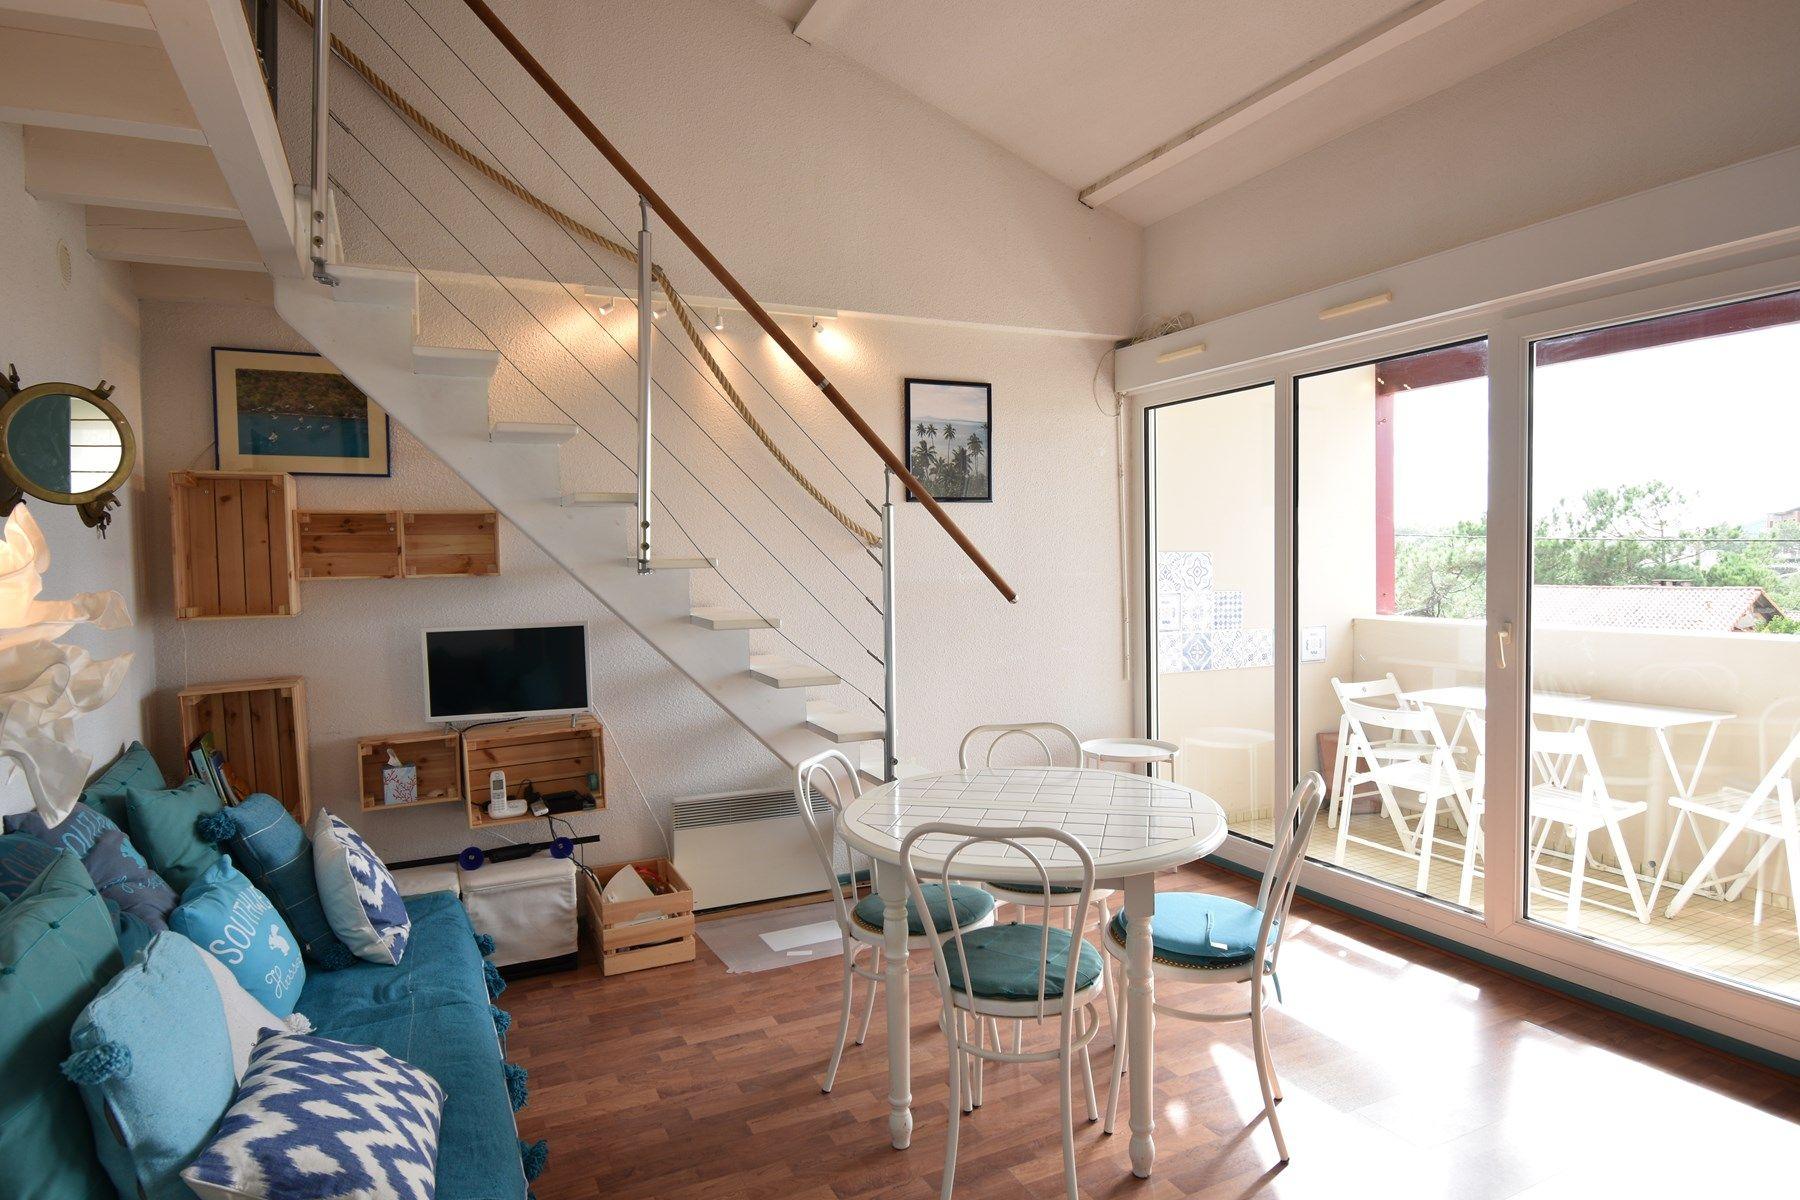 Appartement à louer pour vacances à Hossegor